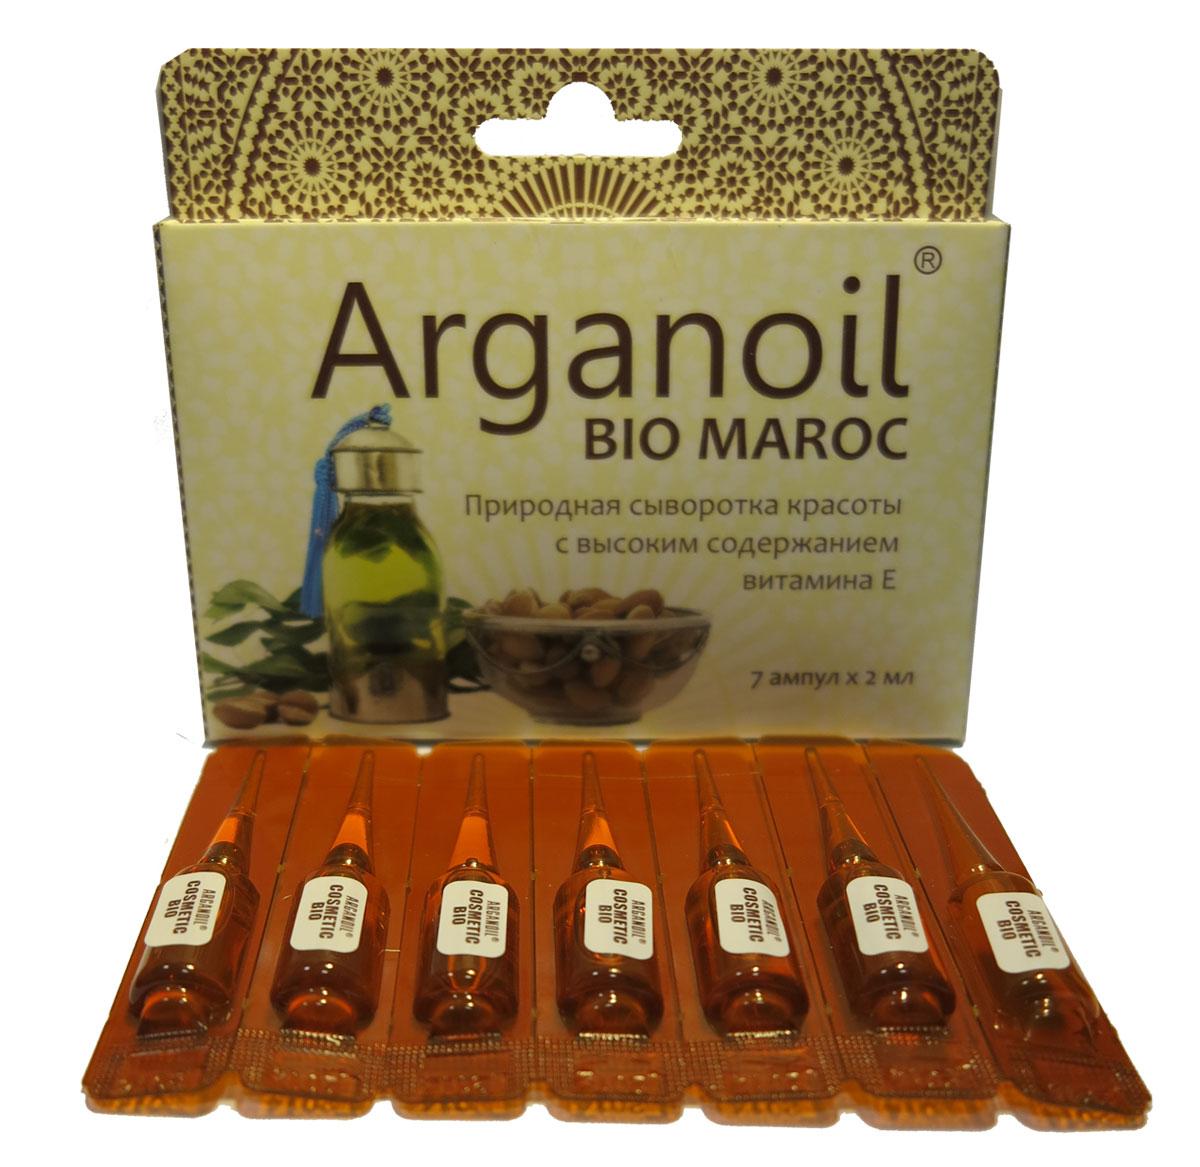 Дом Арганы Масло Арганы для лица и тела Arganoil Bio Maroc, косметическое, 7х2 мл